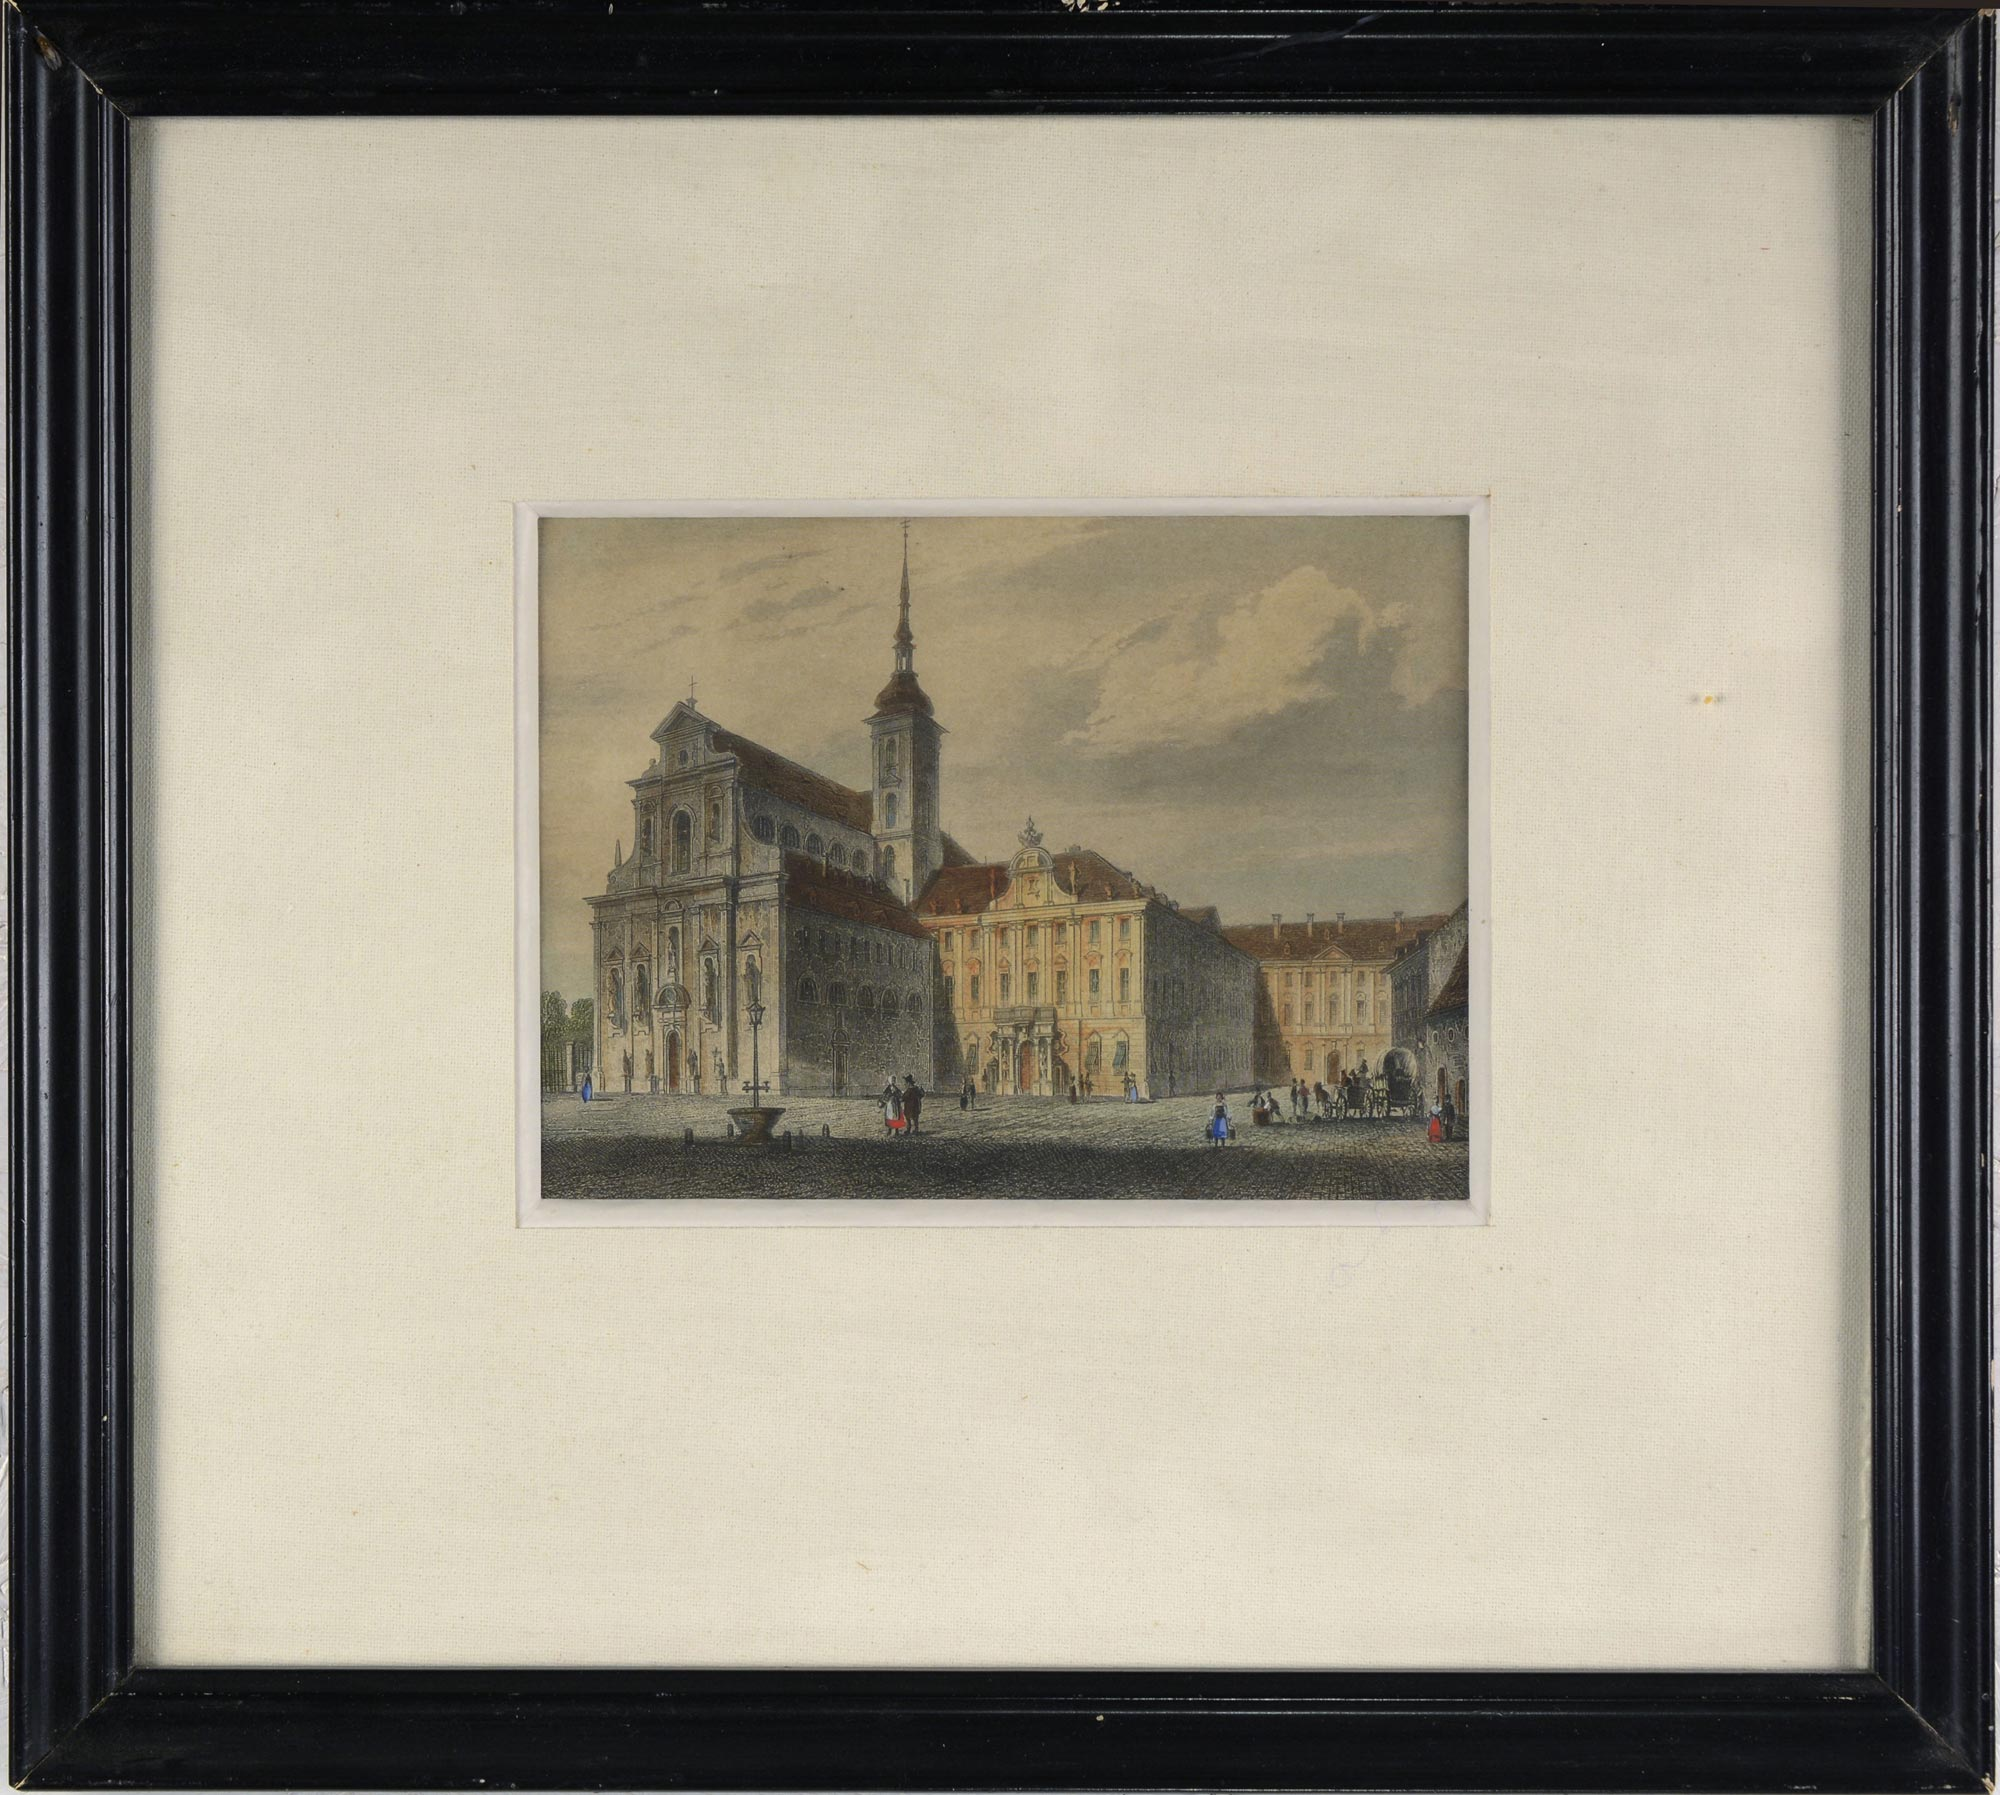 Vente 51e Vente d'Antiquités et Objets d'Art chez Auction House Zezula : 776 lots